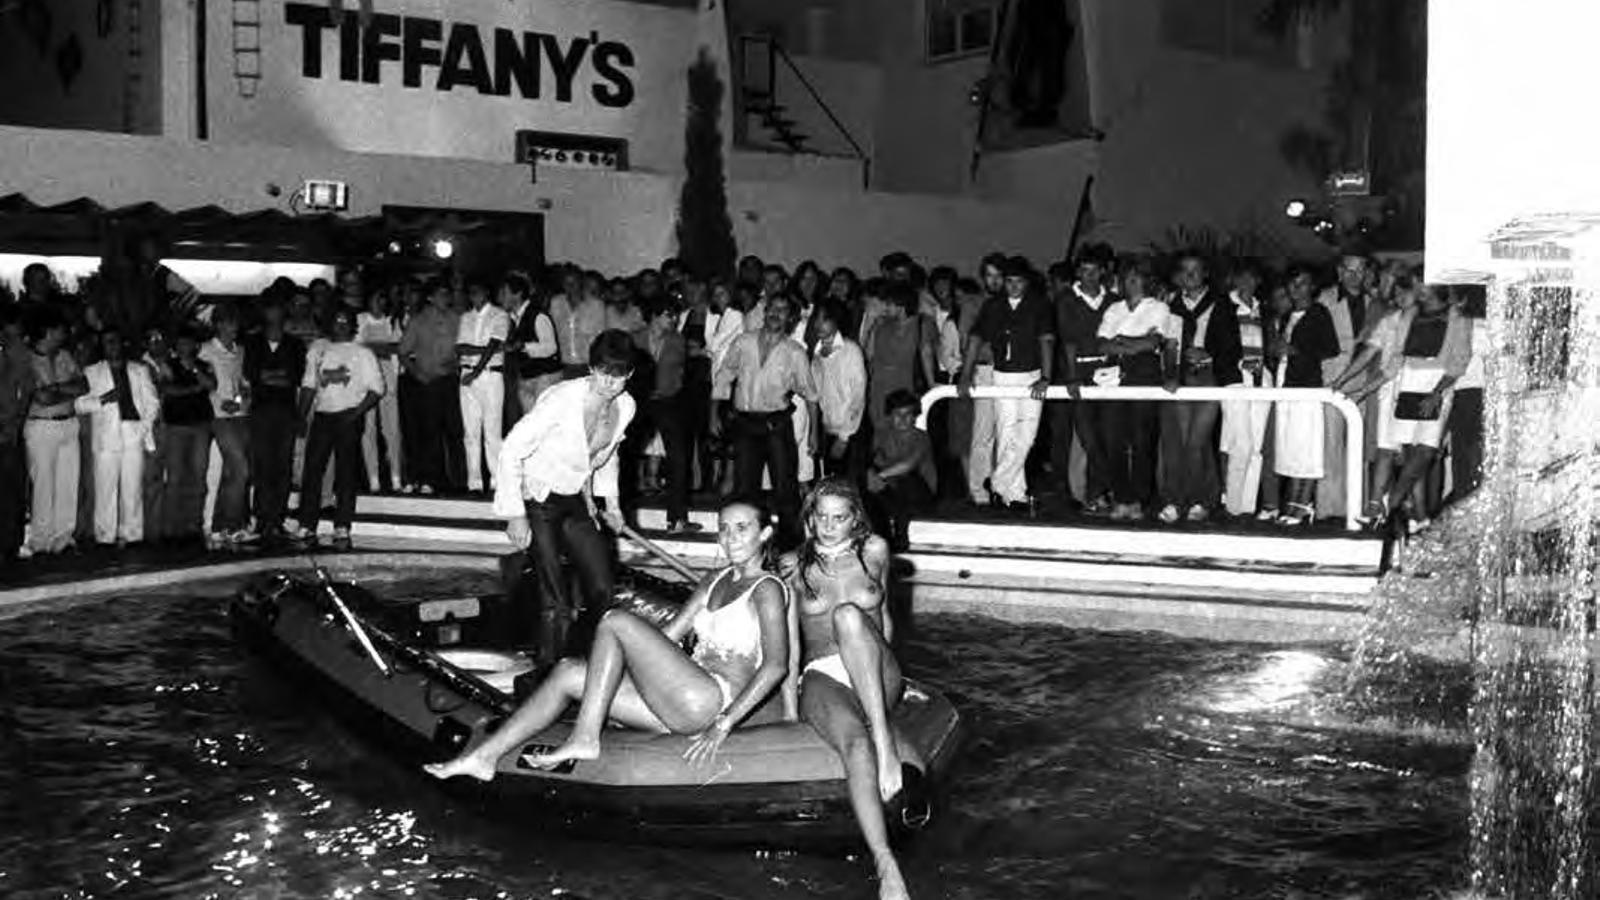 Una festa aquàtica a Tiffany's l'estiu del 1981. Tot i que no sembla que gaire gent s'atrevís a banyar-se, una valenta, sobre una petita llanxa, feia topless.